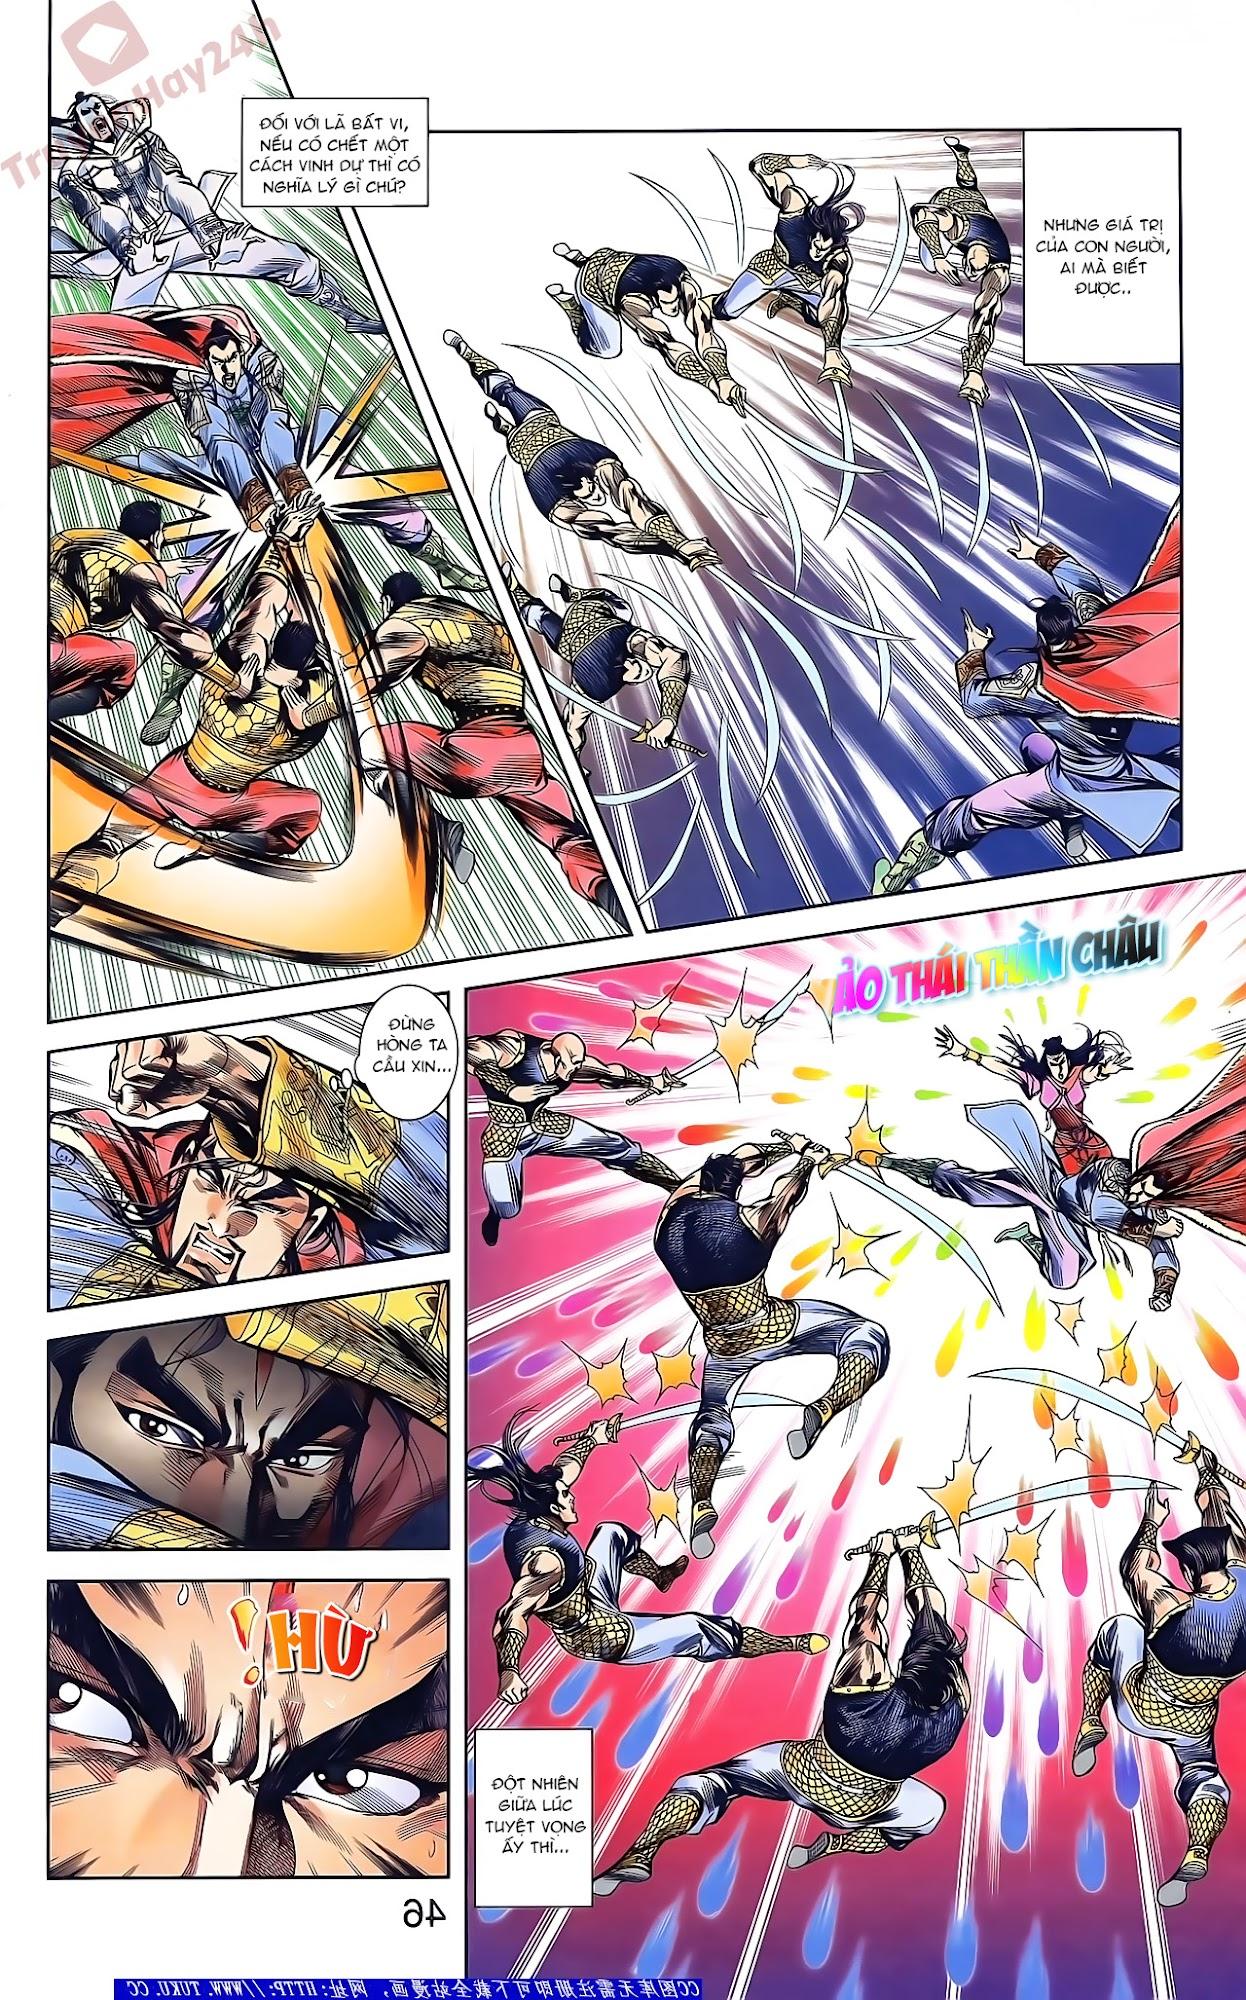 Tần Vương Doanh Chính chapter 46 trang 12